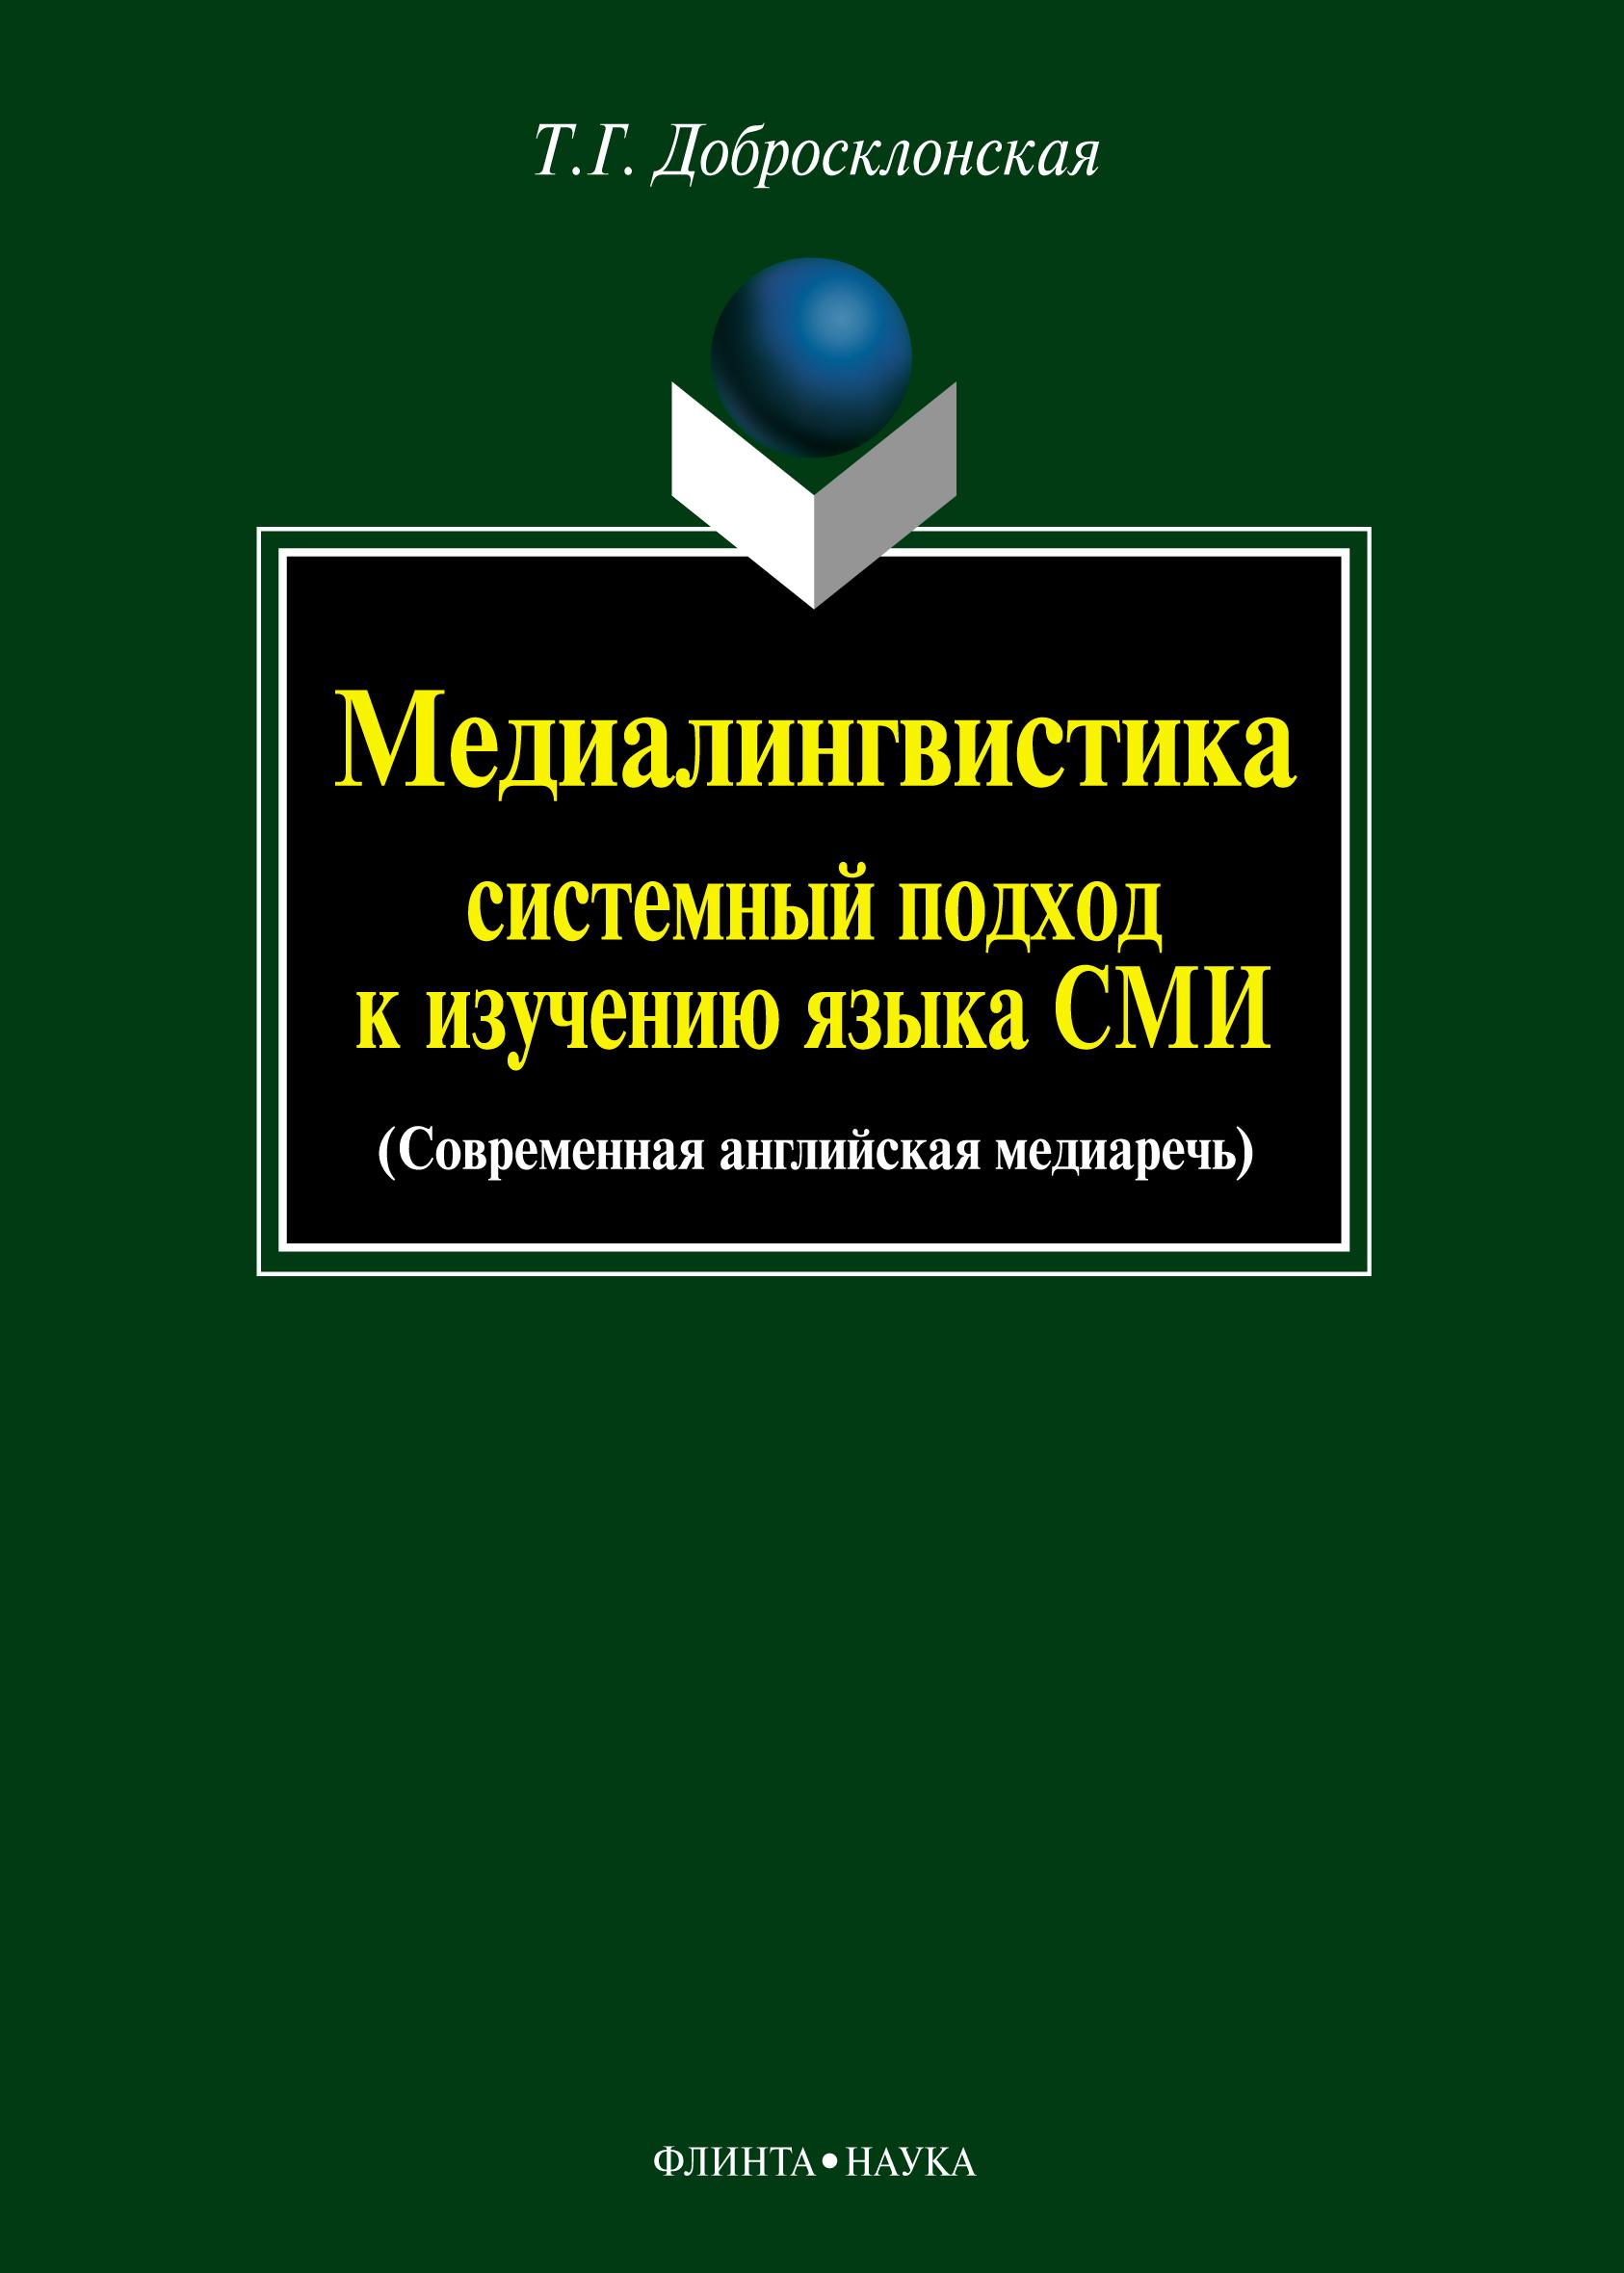 Т. Г. Добросклонская Медиалингвистика: системный подход к изучению языка СМИ. Современная английская медиаречь